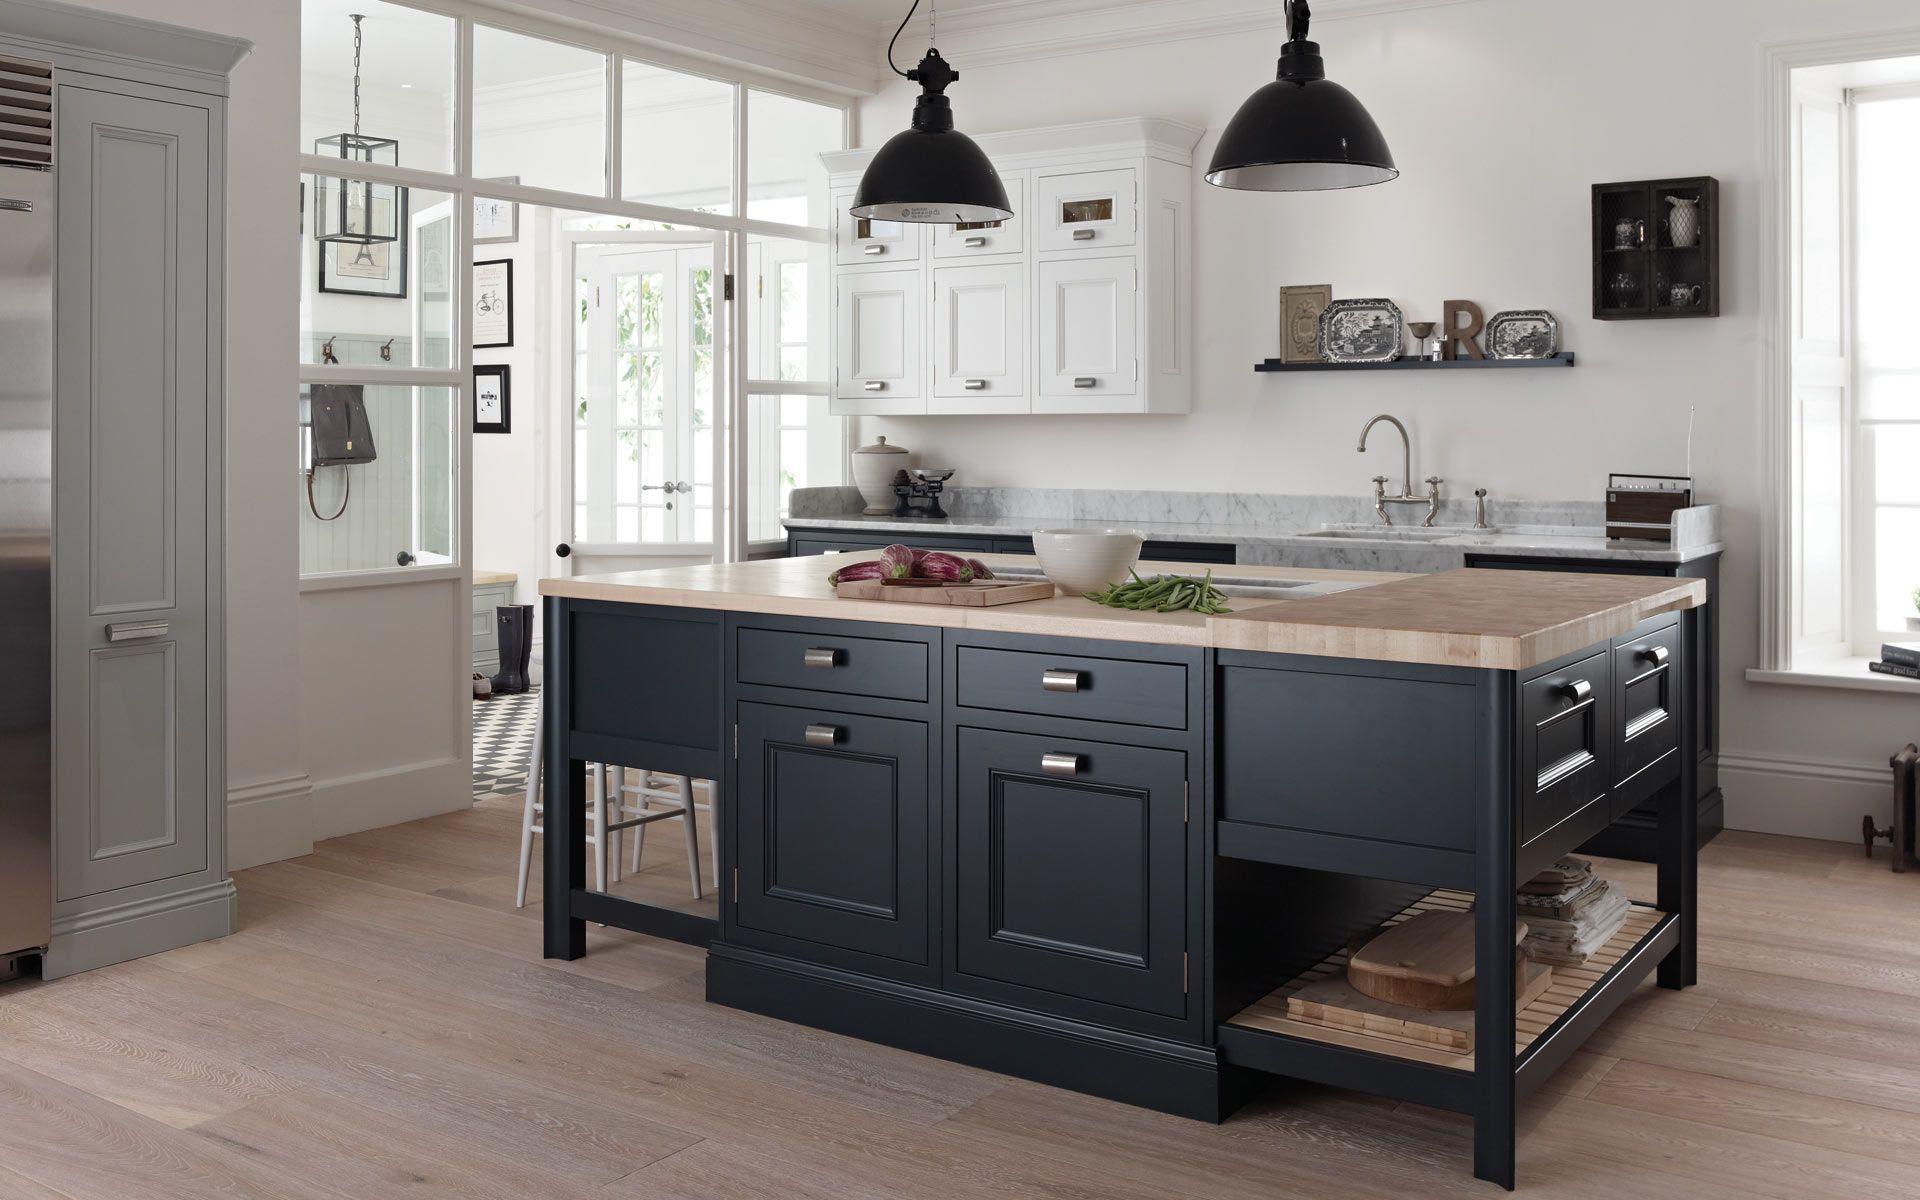 edwardian kitchen Google Search A Downton Abbey Kitchen